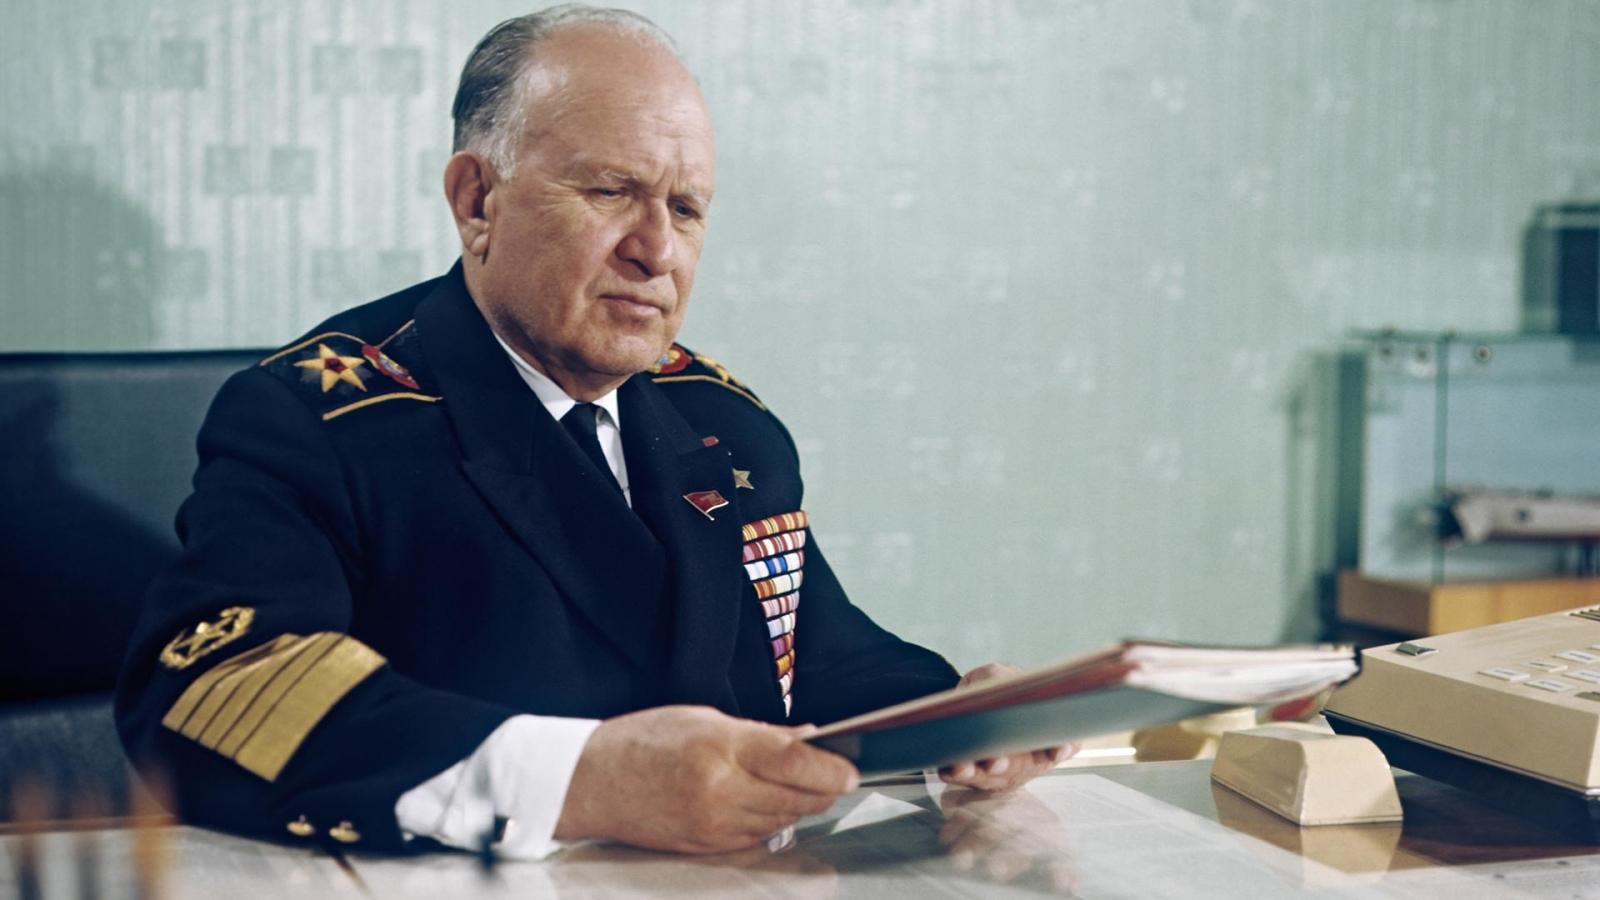 Sergey Gorshkov – kiến trúc sư trưởng của Hải quân Liên Xô